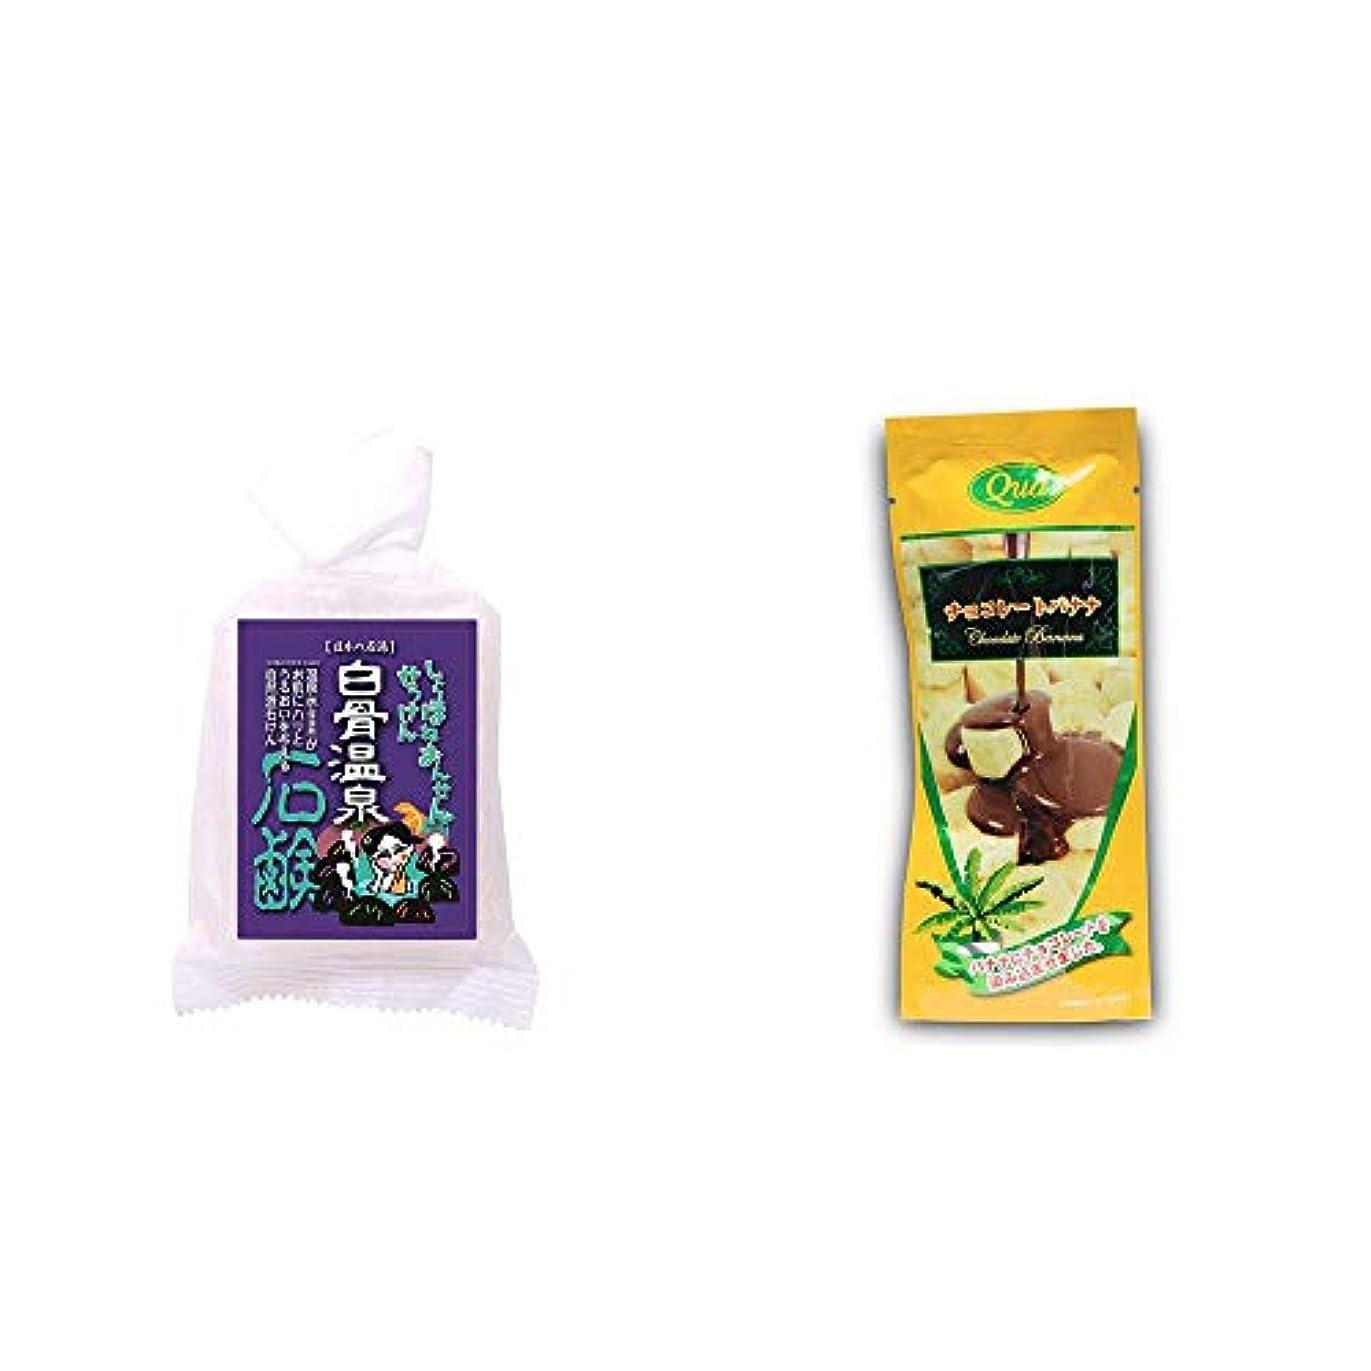 メロディアスカポックトマト[2点セット] 信州 白骨温泉石鹸(80g)?フリーズドライ チョコレートバナナ(50g)